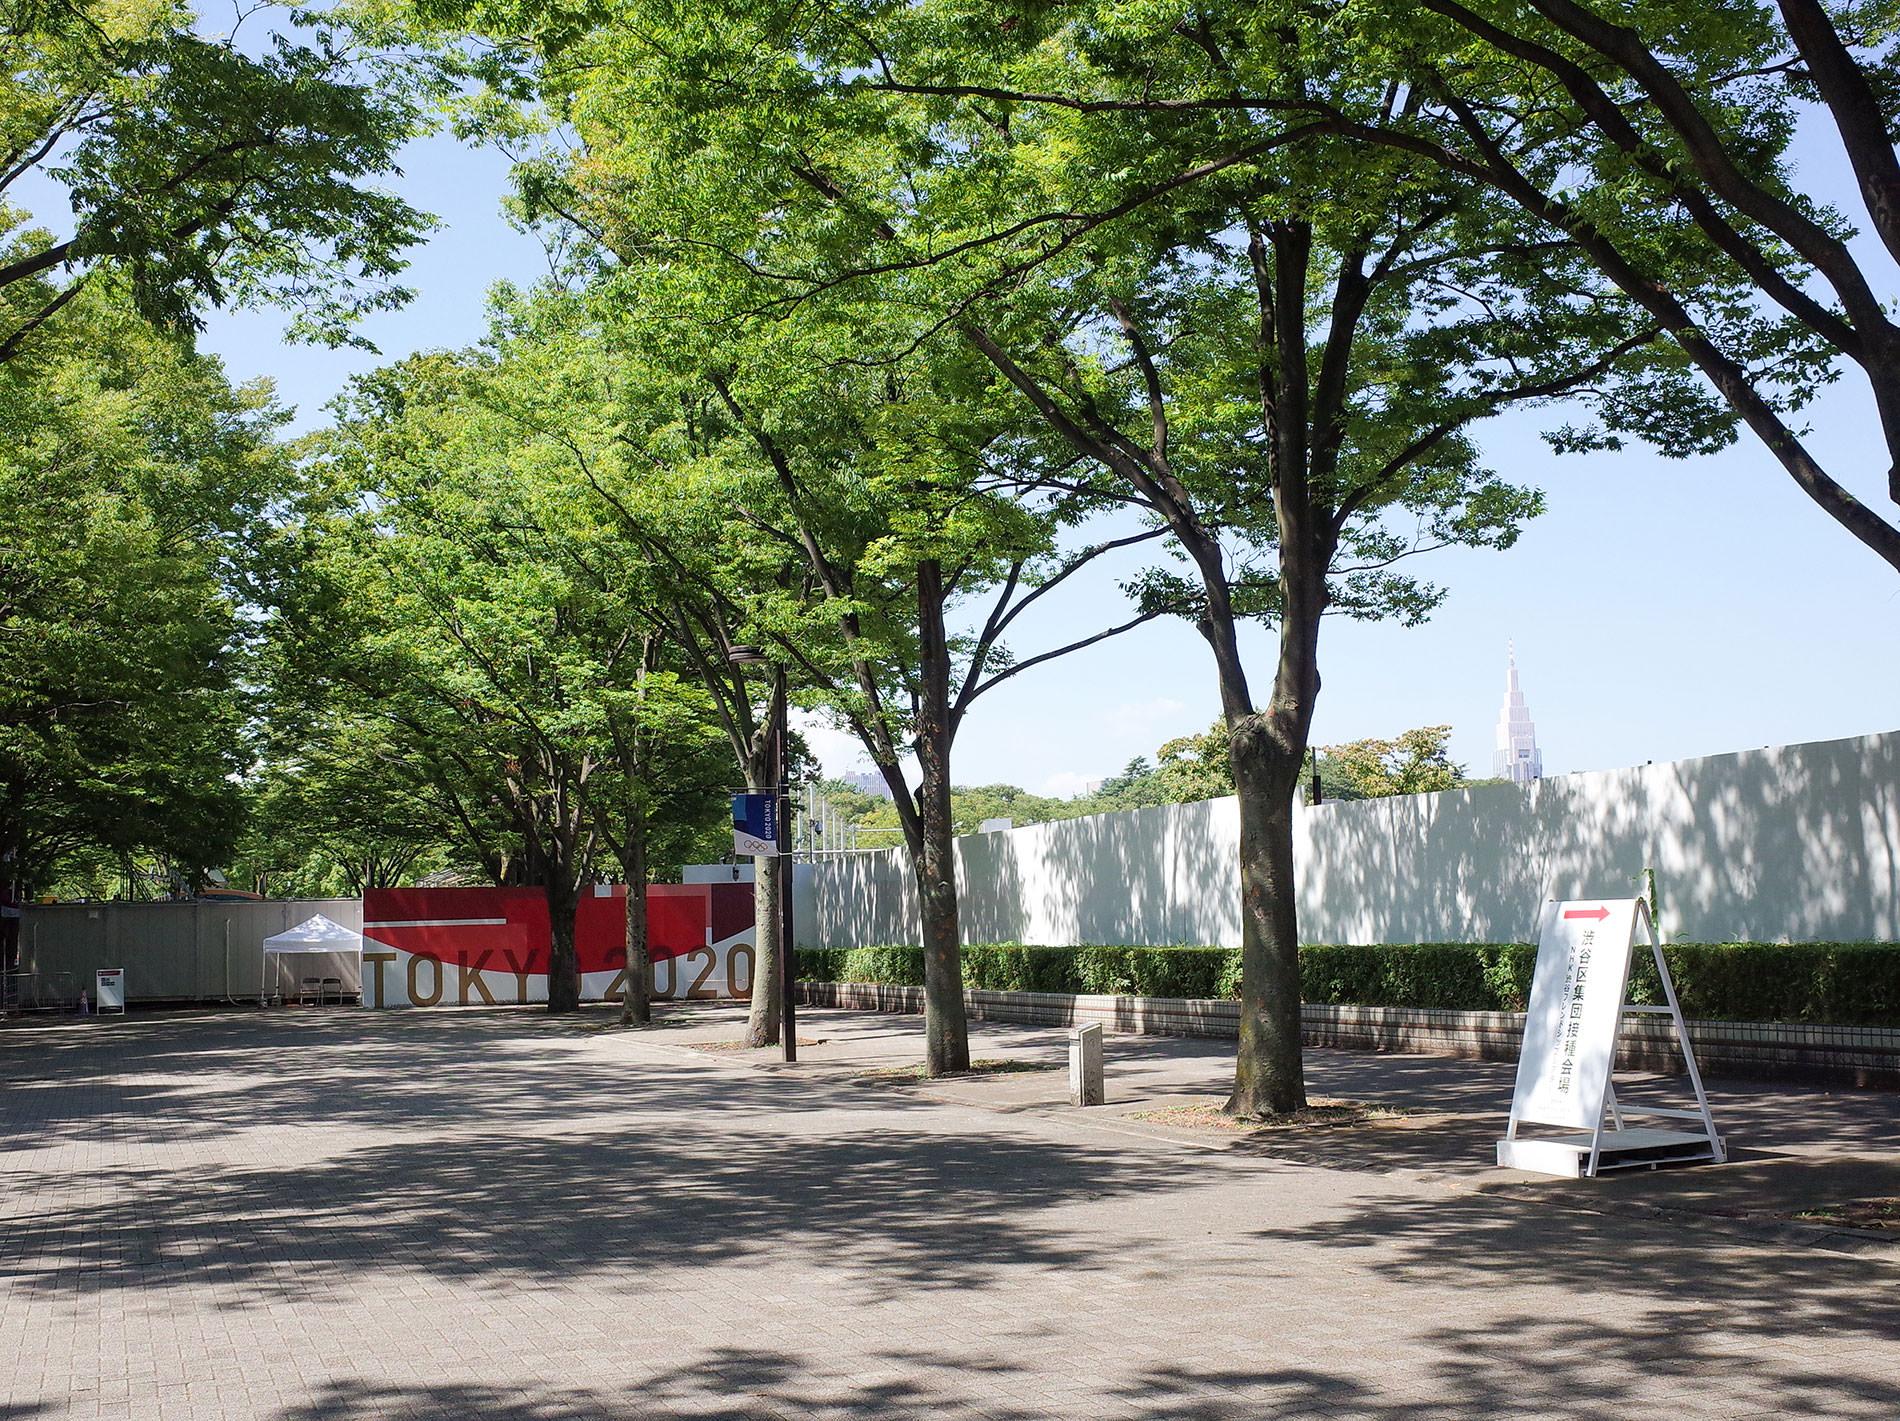 渋谷区集団摂取会場、Tokyo2020、代々木公園 | 藤本壮介 Cloud pavilion(雲のパビリオン) | パビリオン・トウキョウ2021 | Cloud pavilion in Yoyogi Park | Pavilion Tokyo 2021